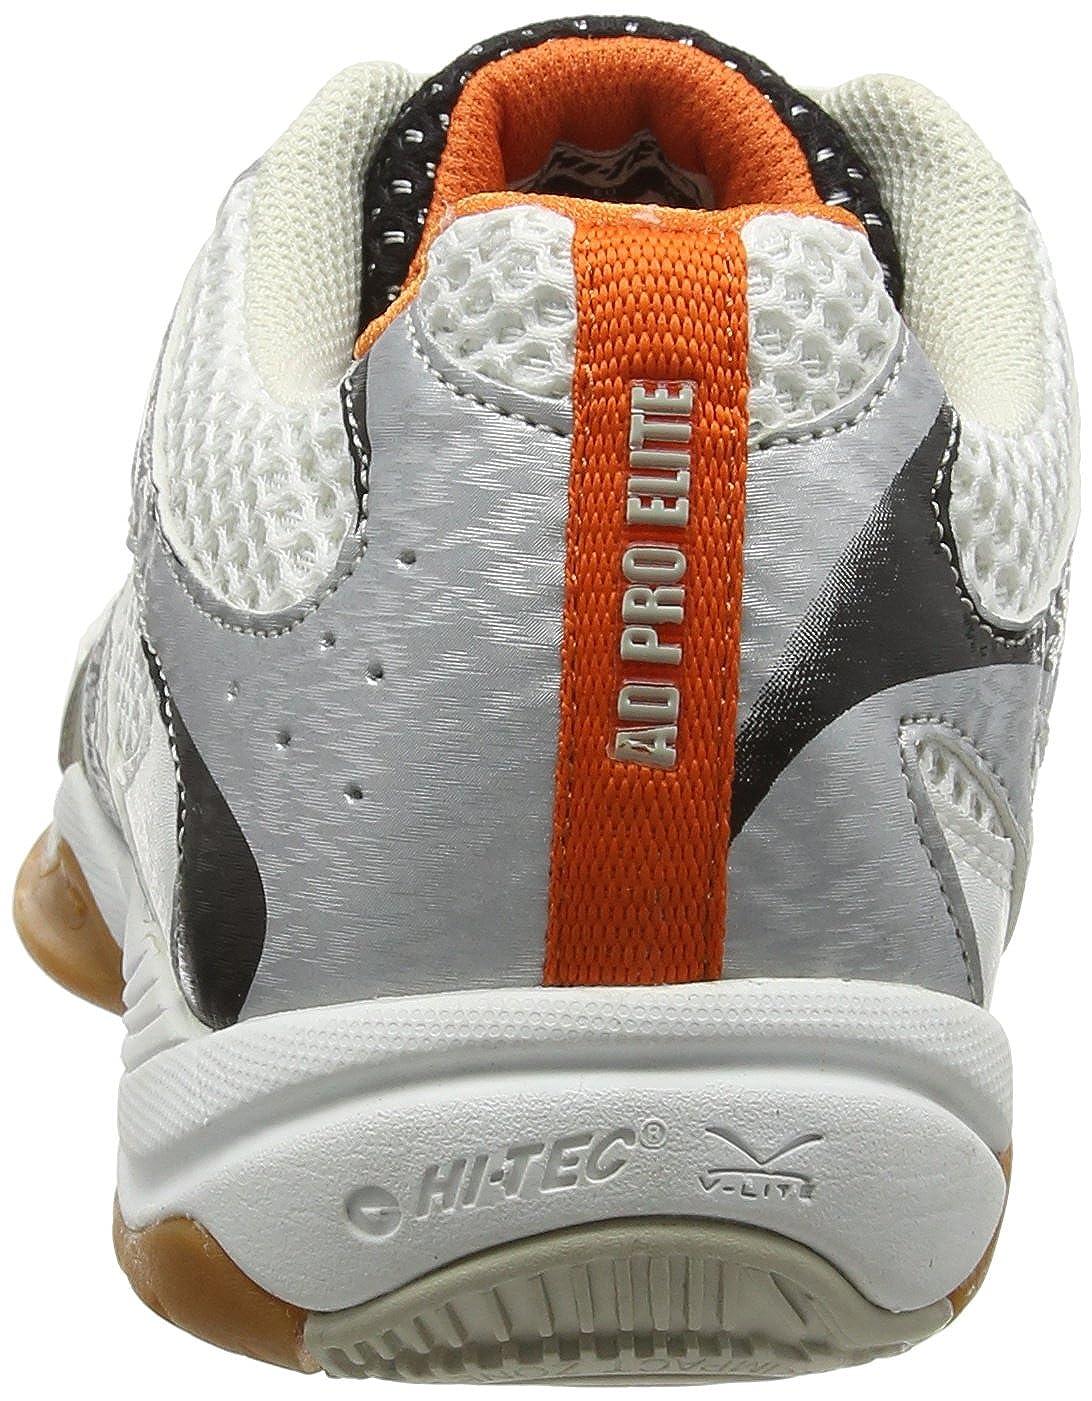 6f76ed1712c9 Hi-Tec Men s Ad Pro Elite Fitness Shoes